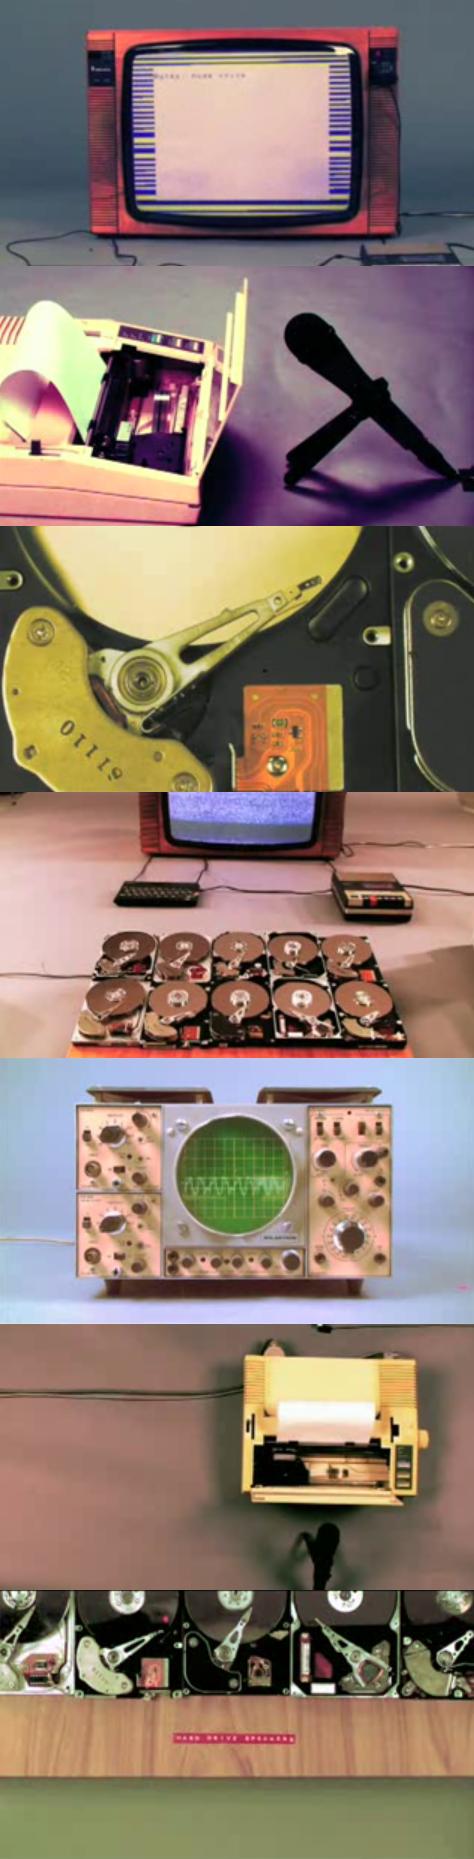 radiohead phones